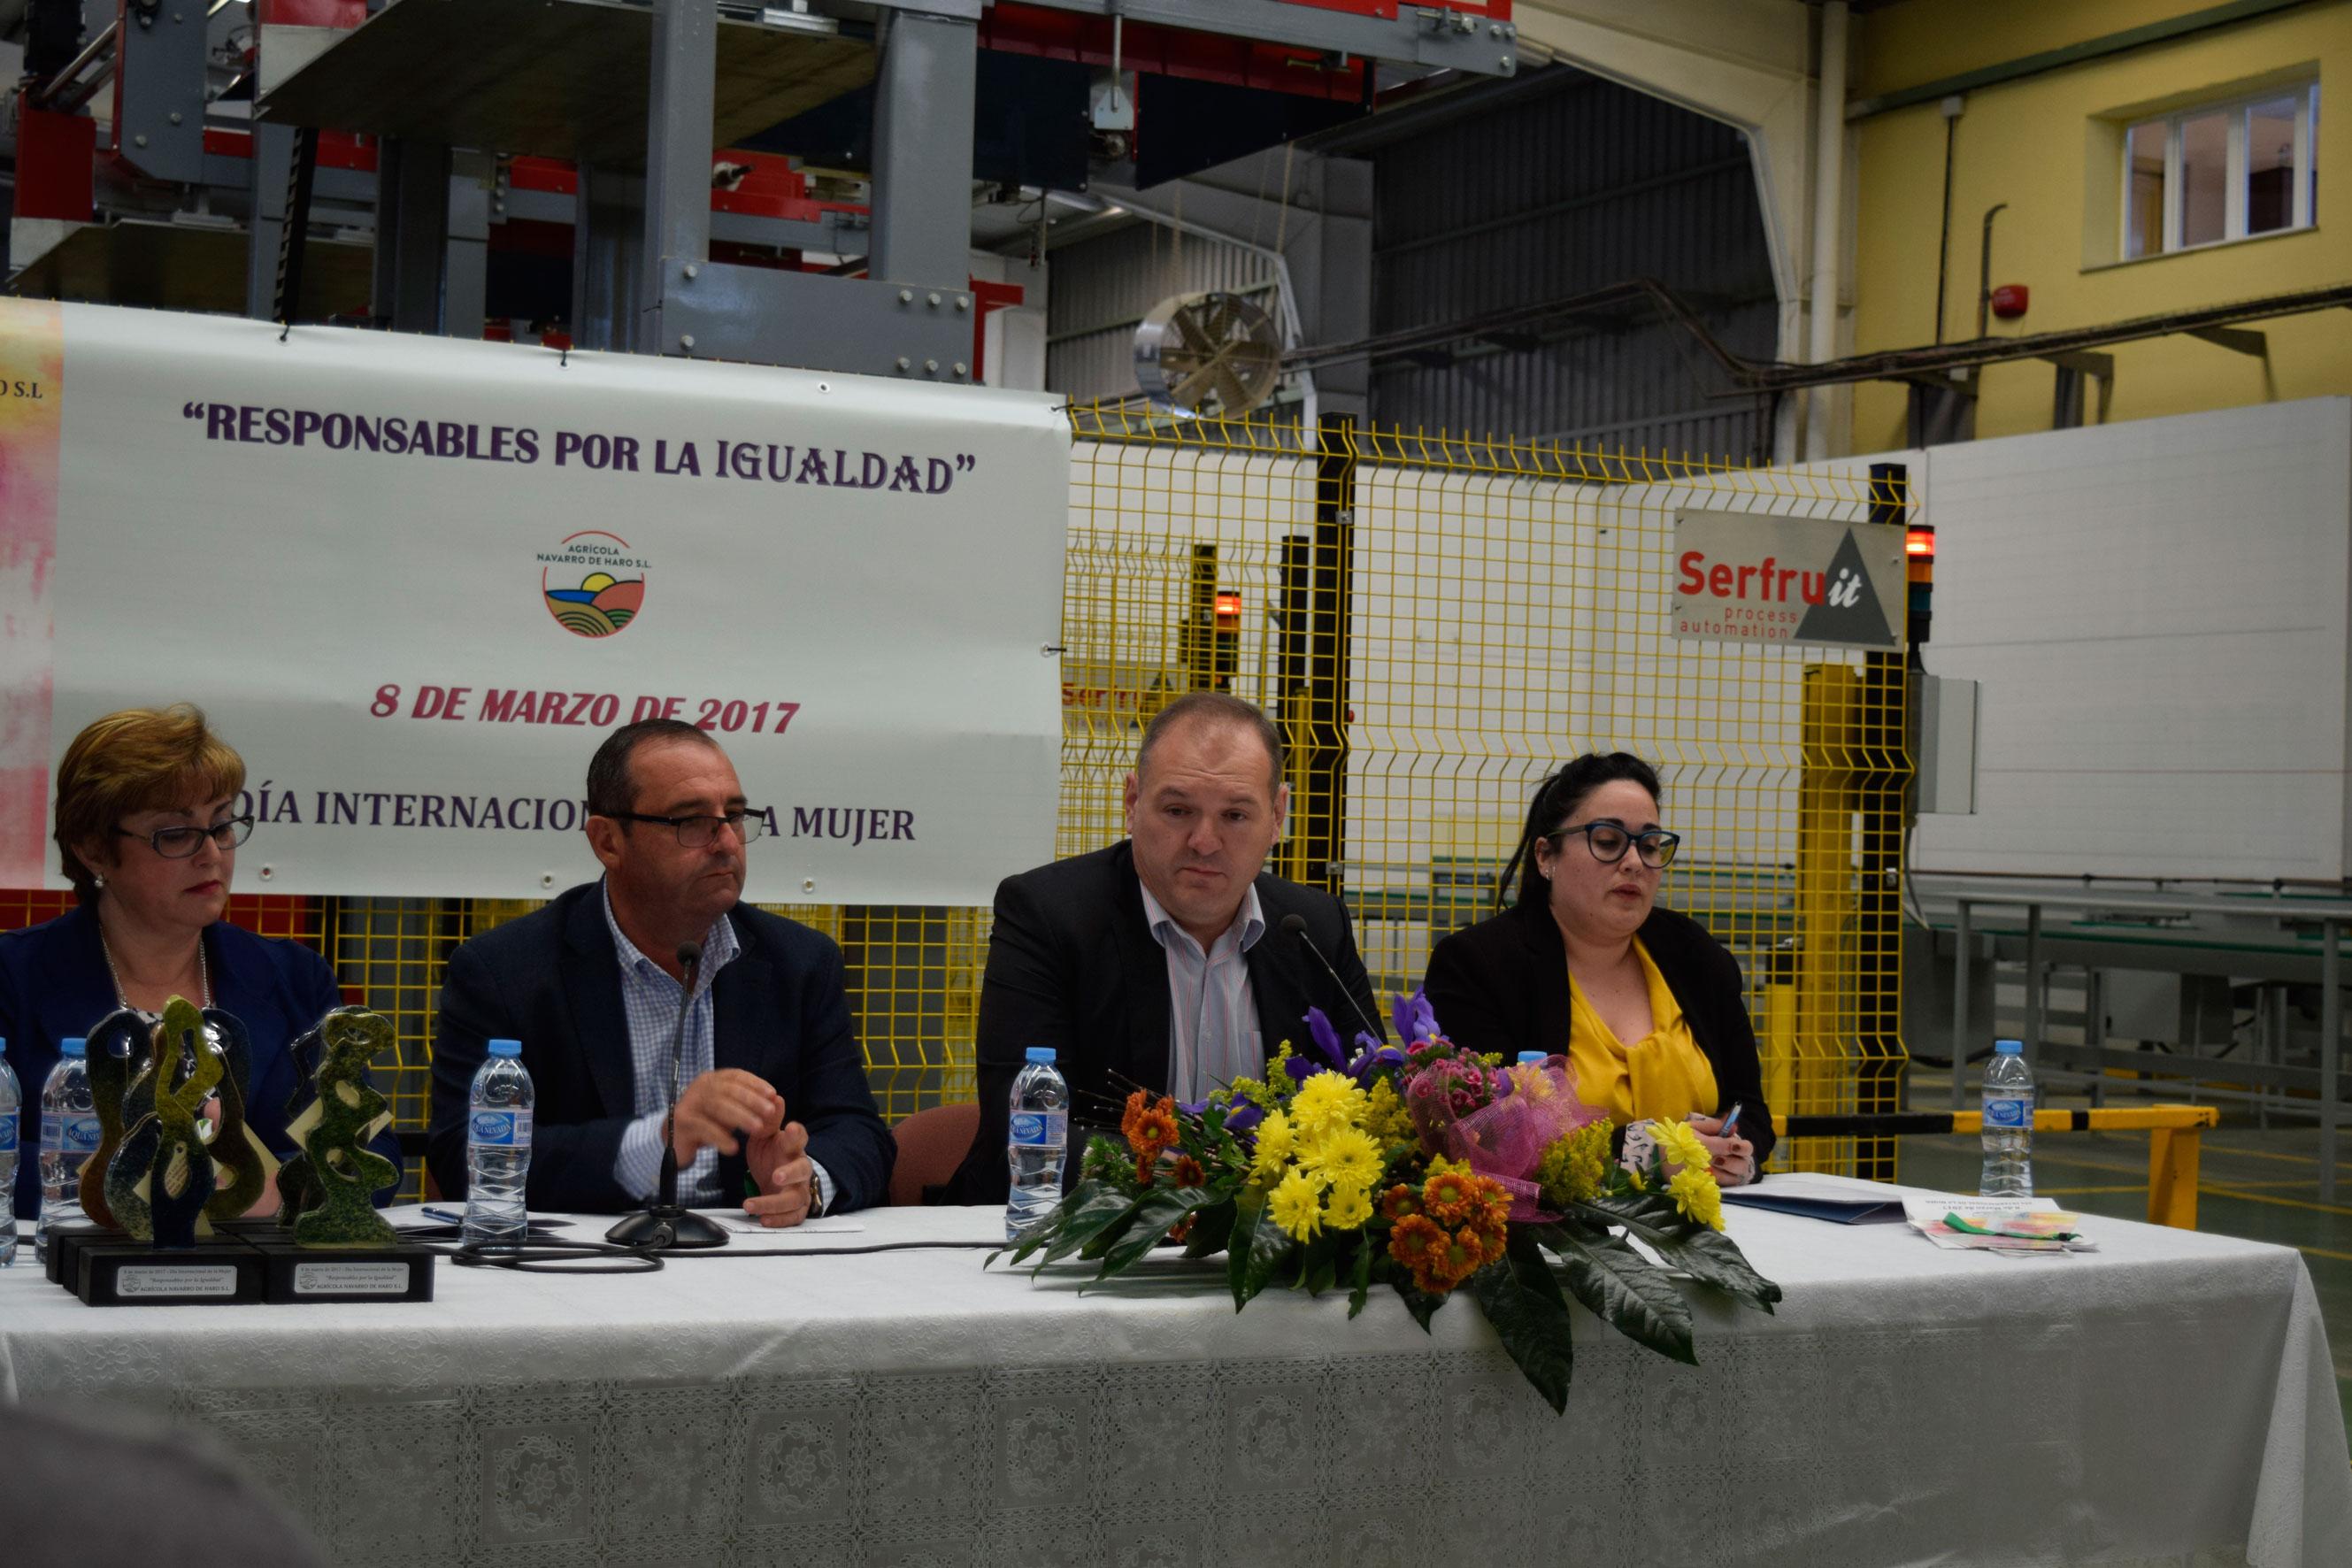 Responsables por la Igualdad - Alcalde de Cuevas del Almanzora